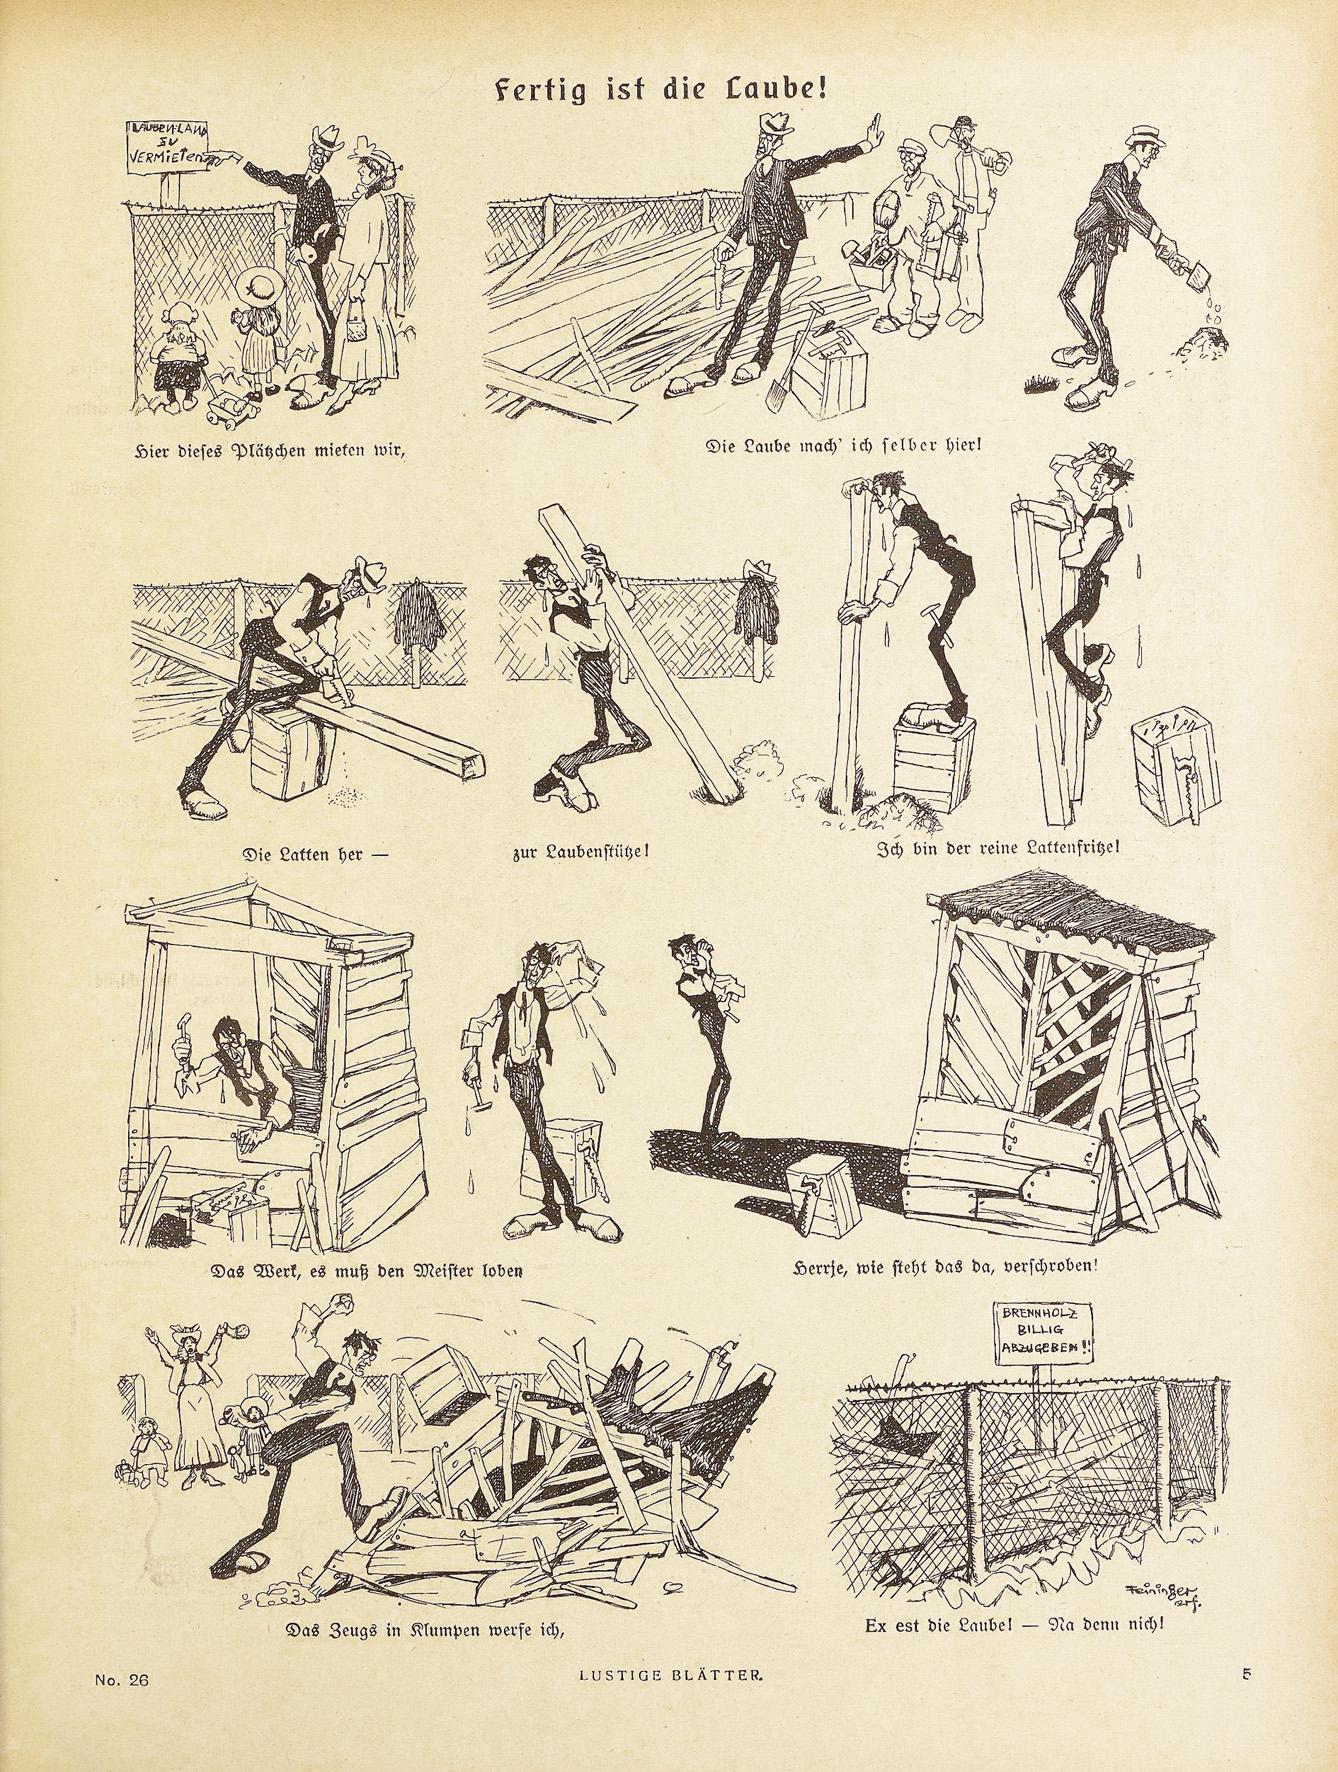 Lyonel Feininger, Fertig ist die Laube, 1905, Zeitungsdruck, 31 x 24 cm, in: Lustige Blätter, XX. Jg., 1905, Nr. 26, S. 5, Sammlung Roland März © VG Bildkunst Bonn